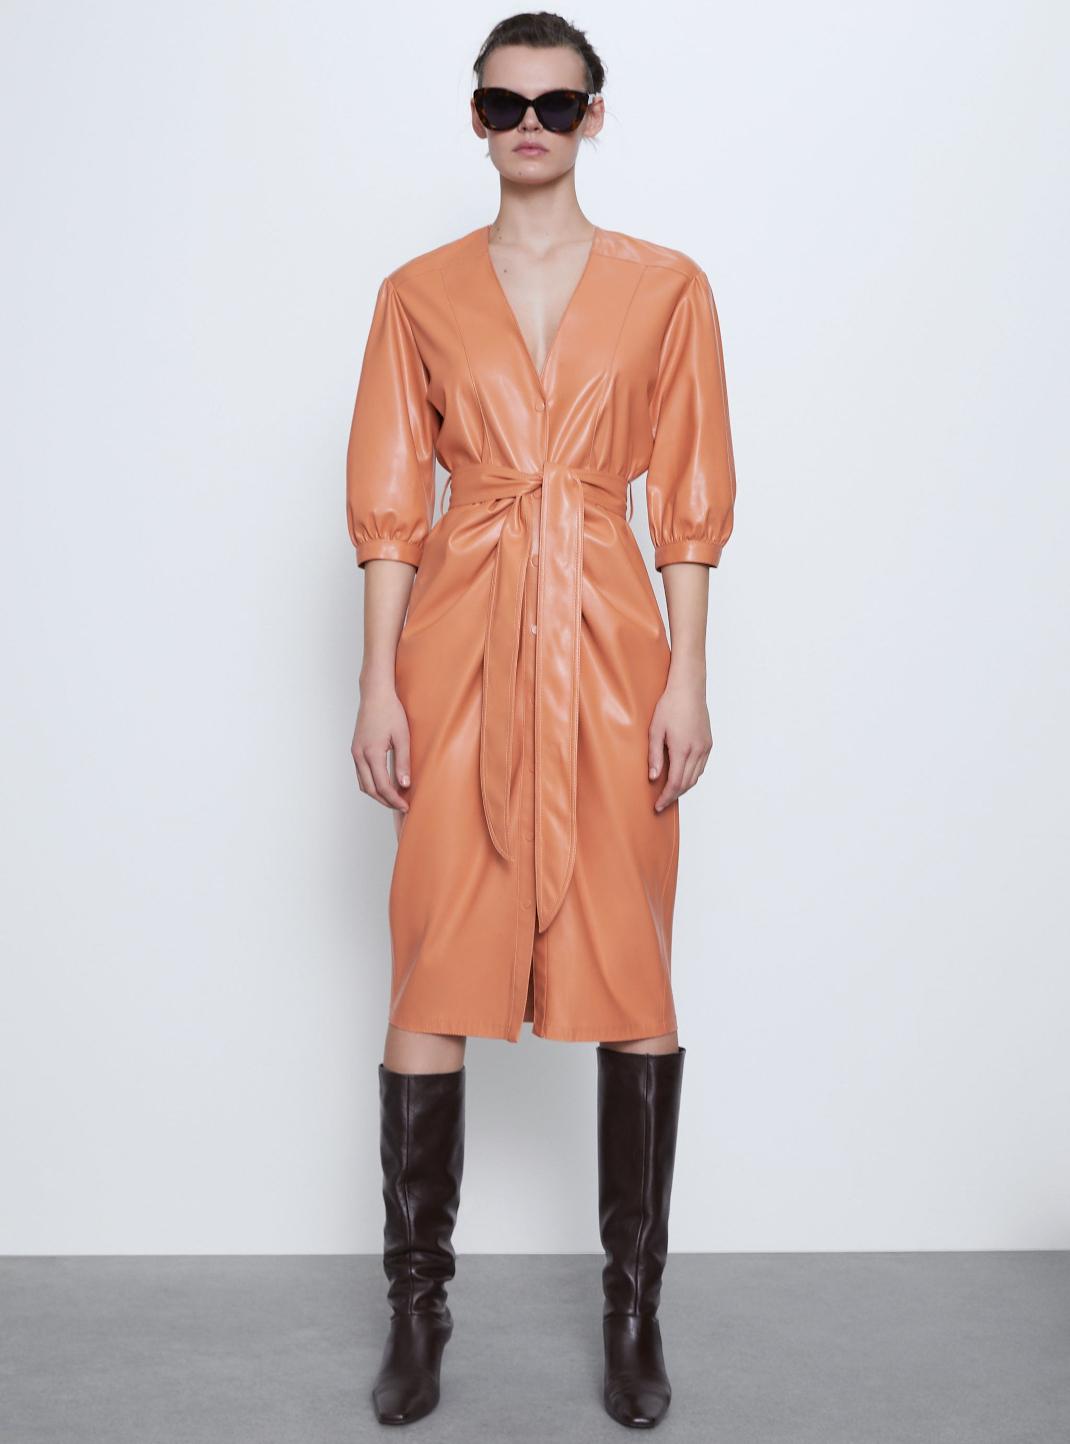 μοντέλο με δερμάτινο φόρεμα Zara